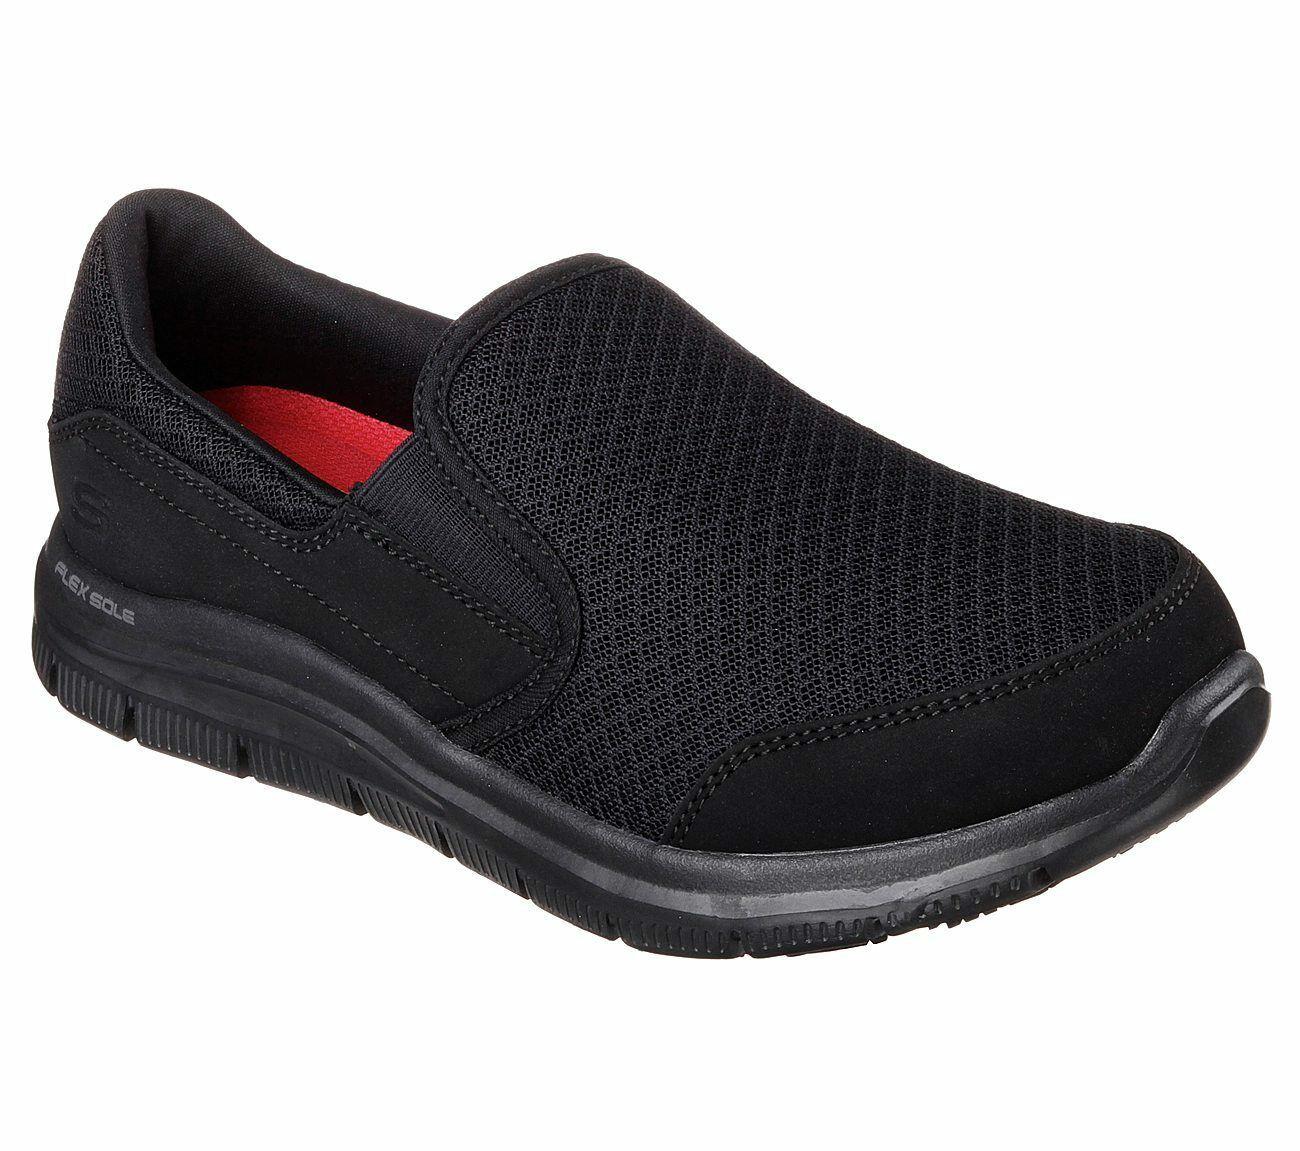 Skechers Work Black Shoes Women Memory Foam Flex Comfort Slip On